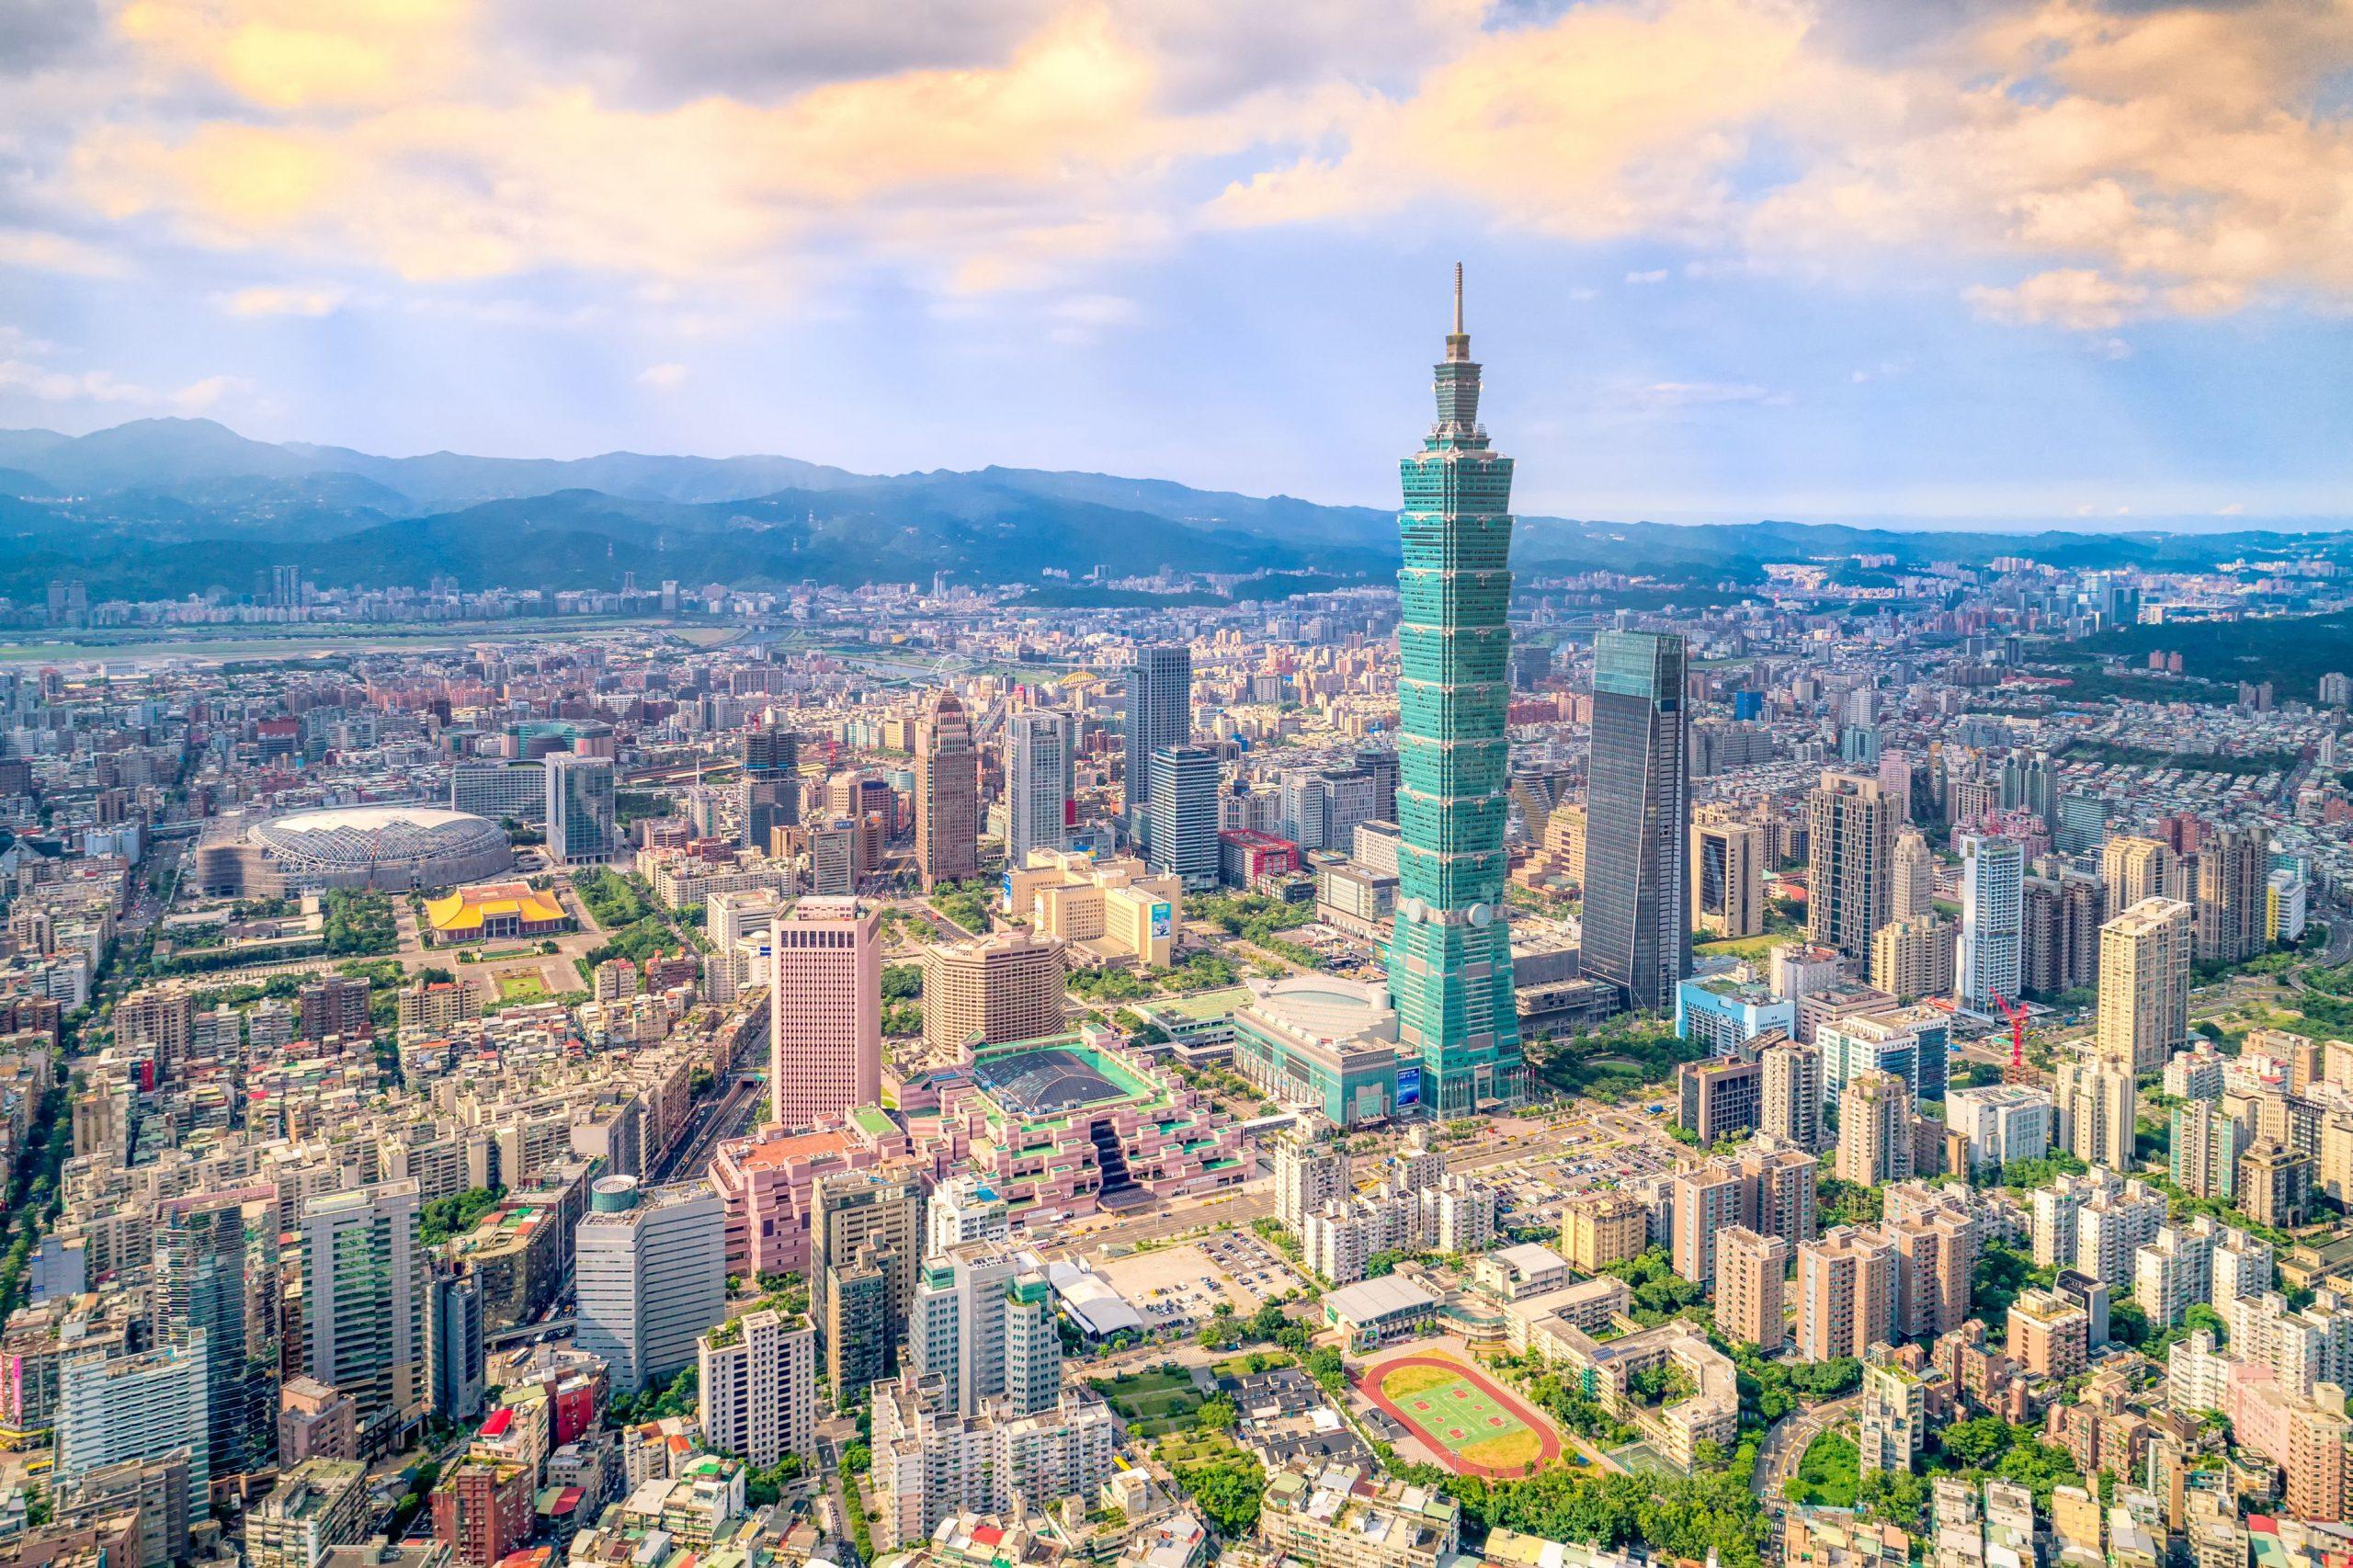 Đài Loan là một hòn đảo nằm tại khu vực Đông Á.